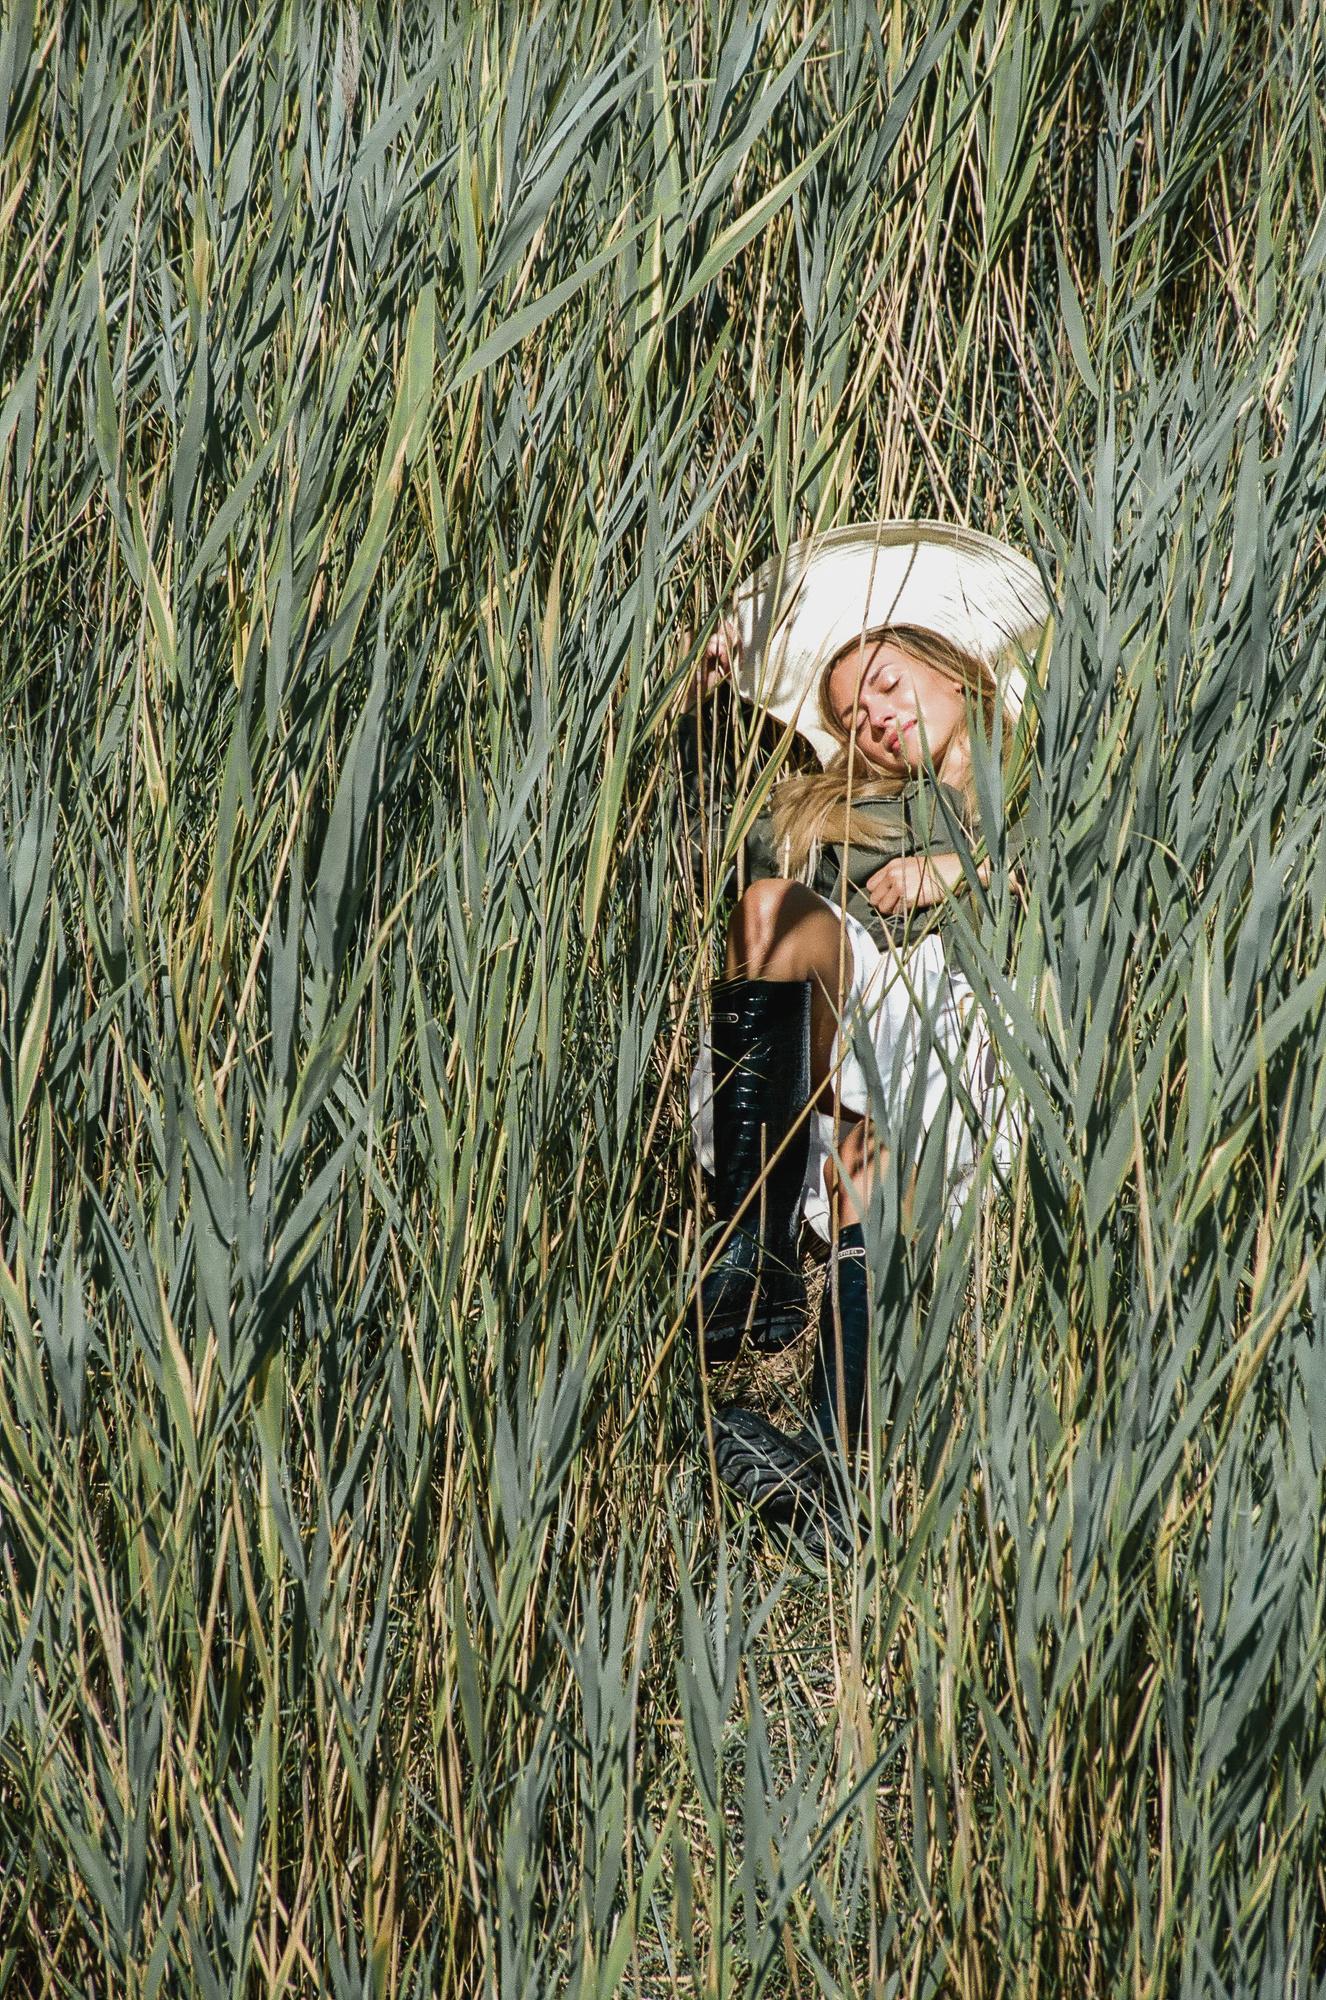 Fotografia di modella con cappello di paglia e stivali che riposa in mezzo a un campo di grano verde, fotografia analogica